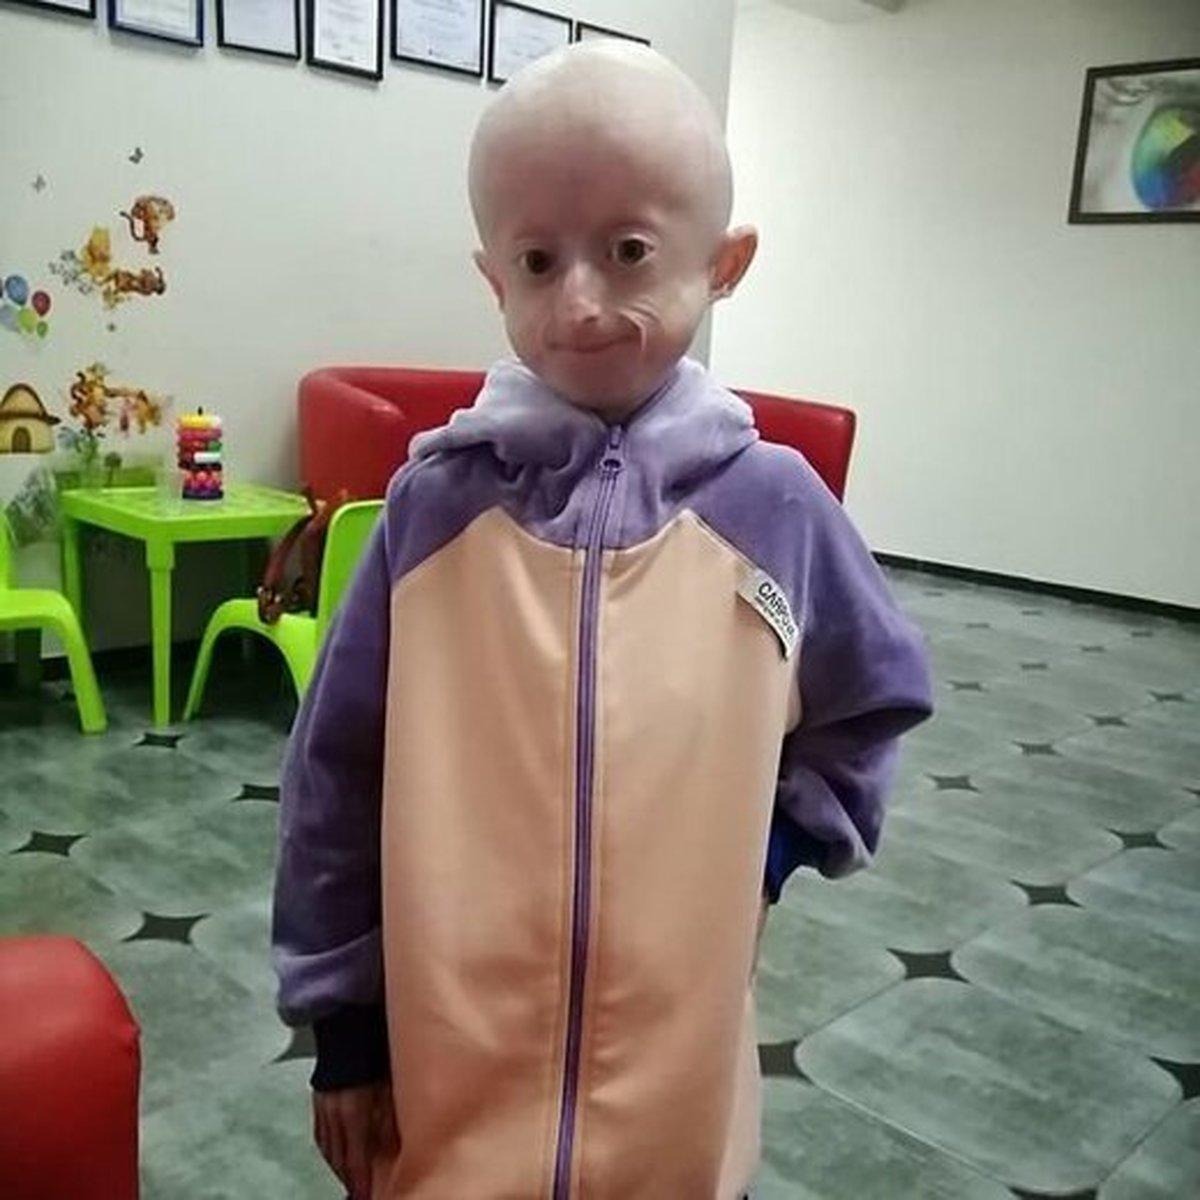 دختر ۱۰ ساله اوکراینی بر اثر پیری زودرس درگذشت